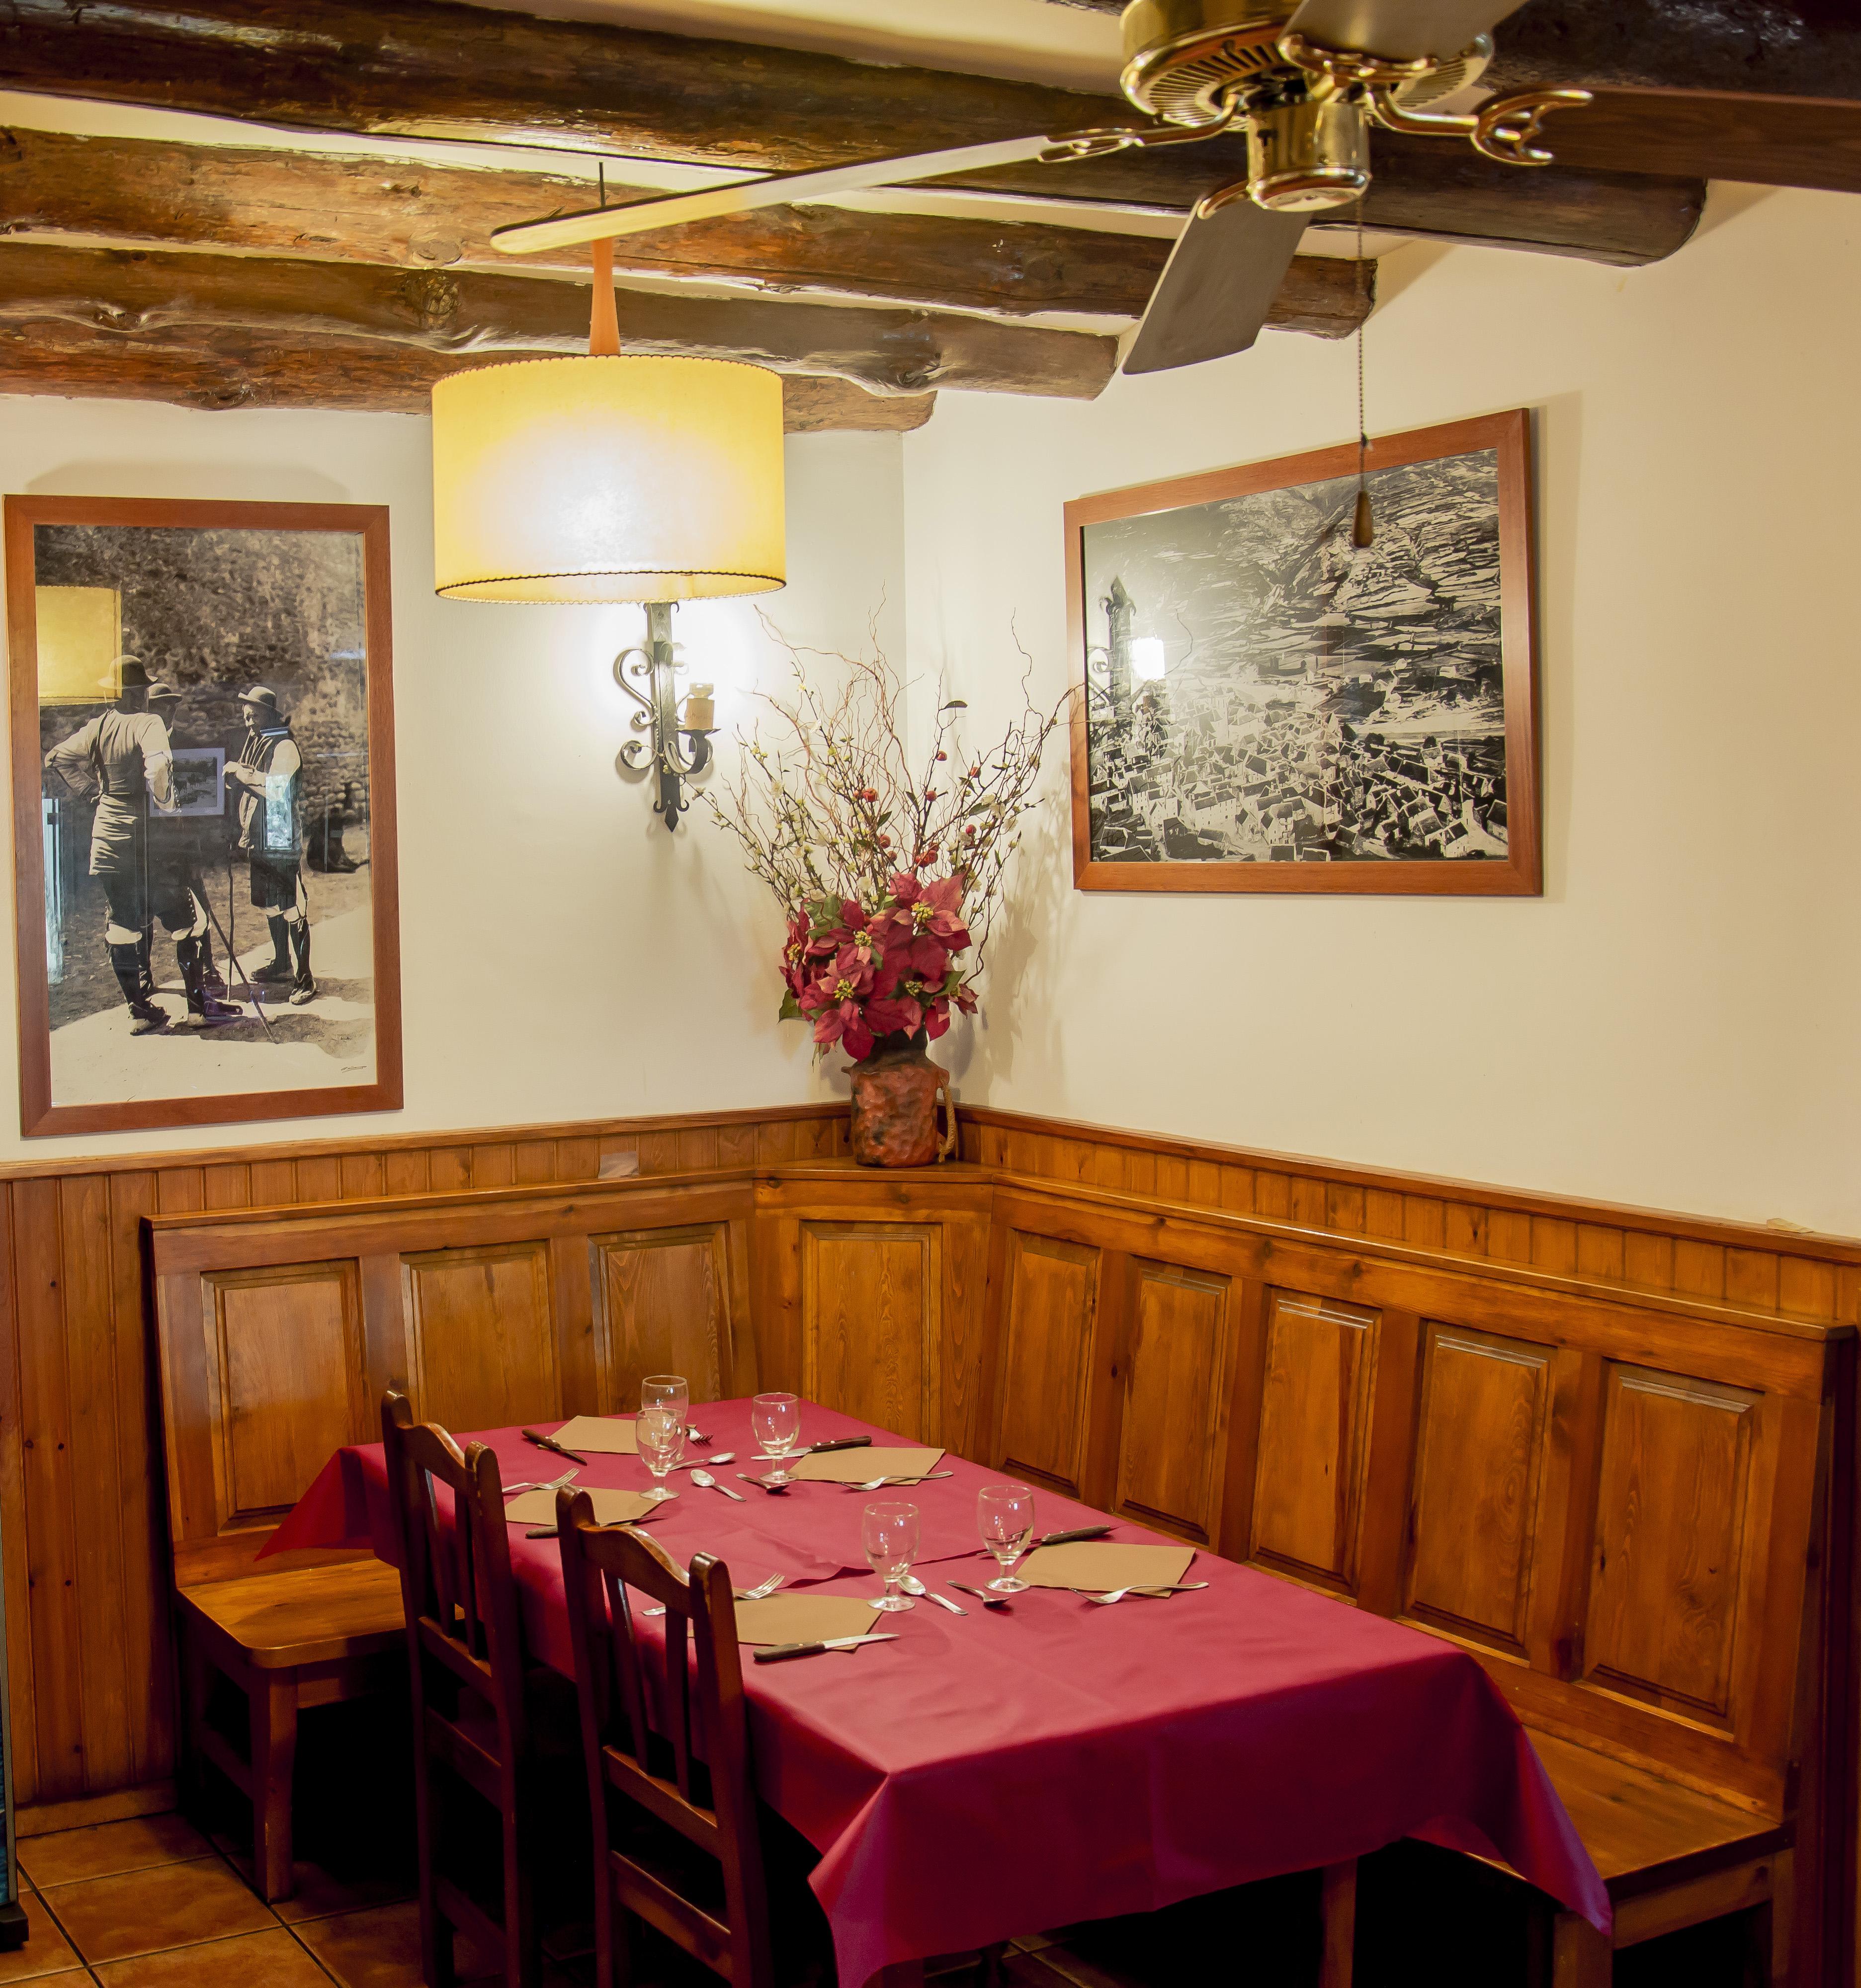 Restaurante- Comedor - Borda Bisaltico, restaurante y alojamiento ...